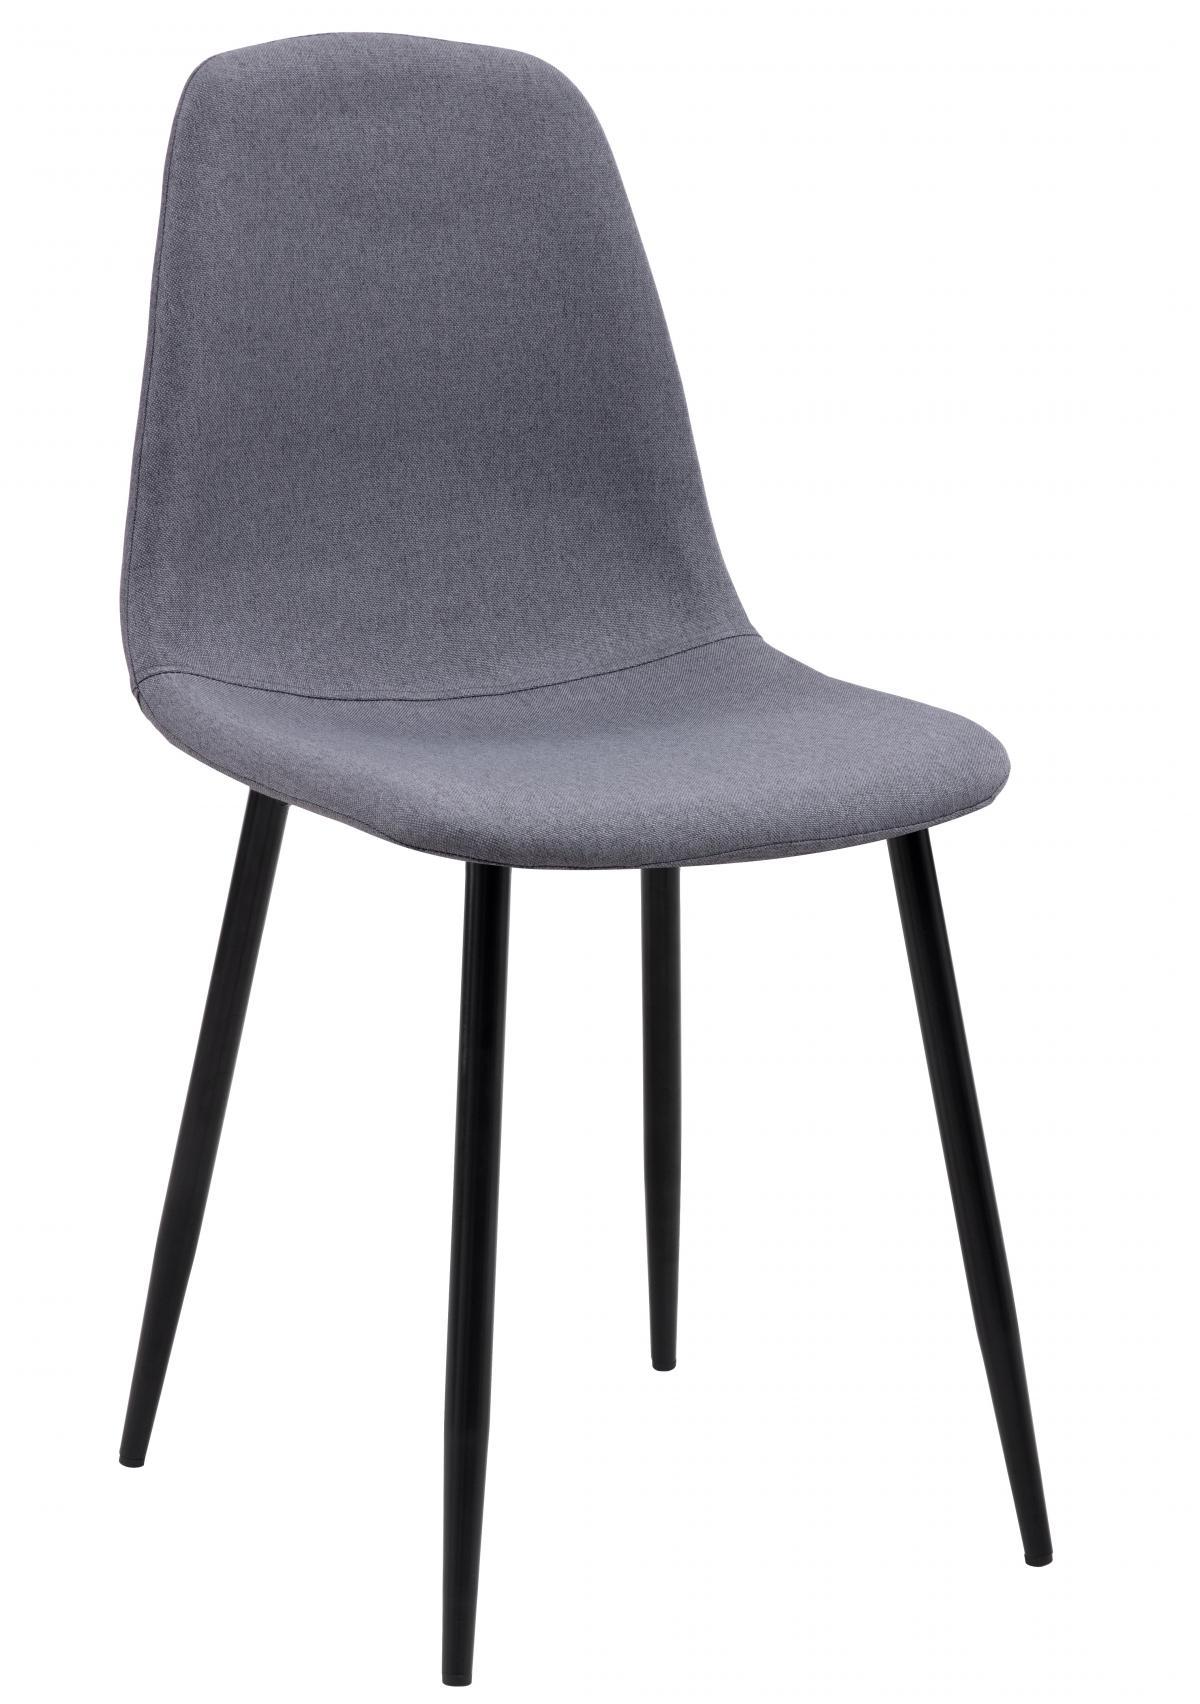 כסא לפינת אוכל דגם SOLNA בד אריג אפור